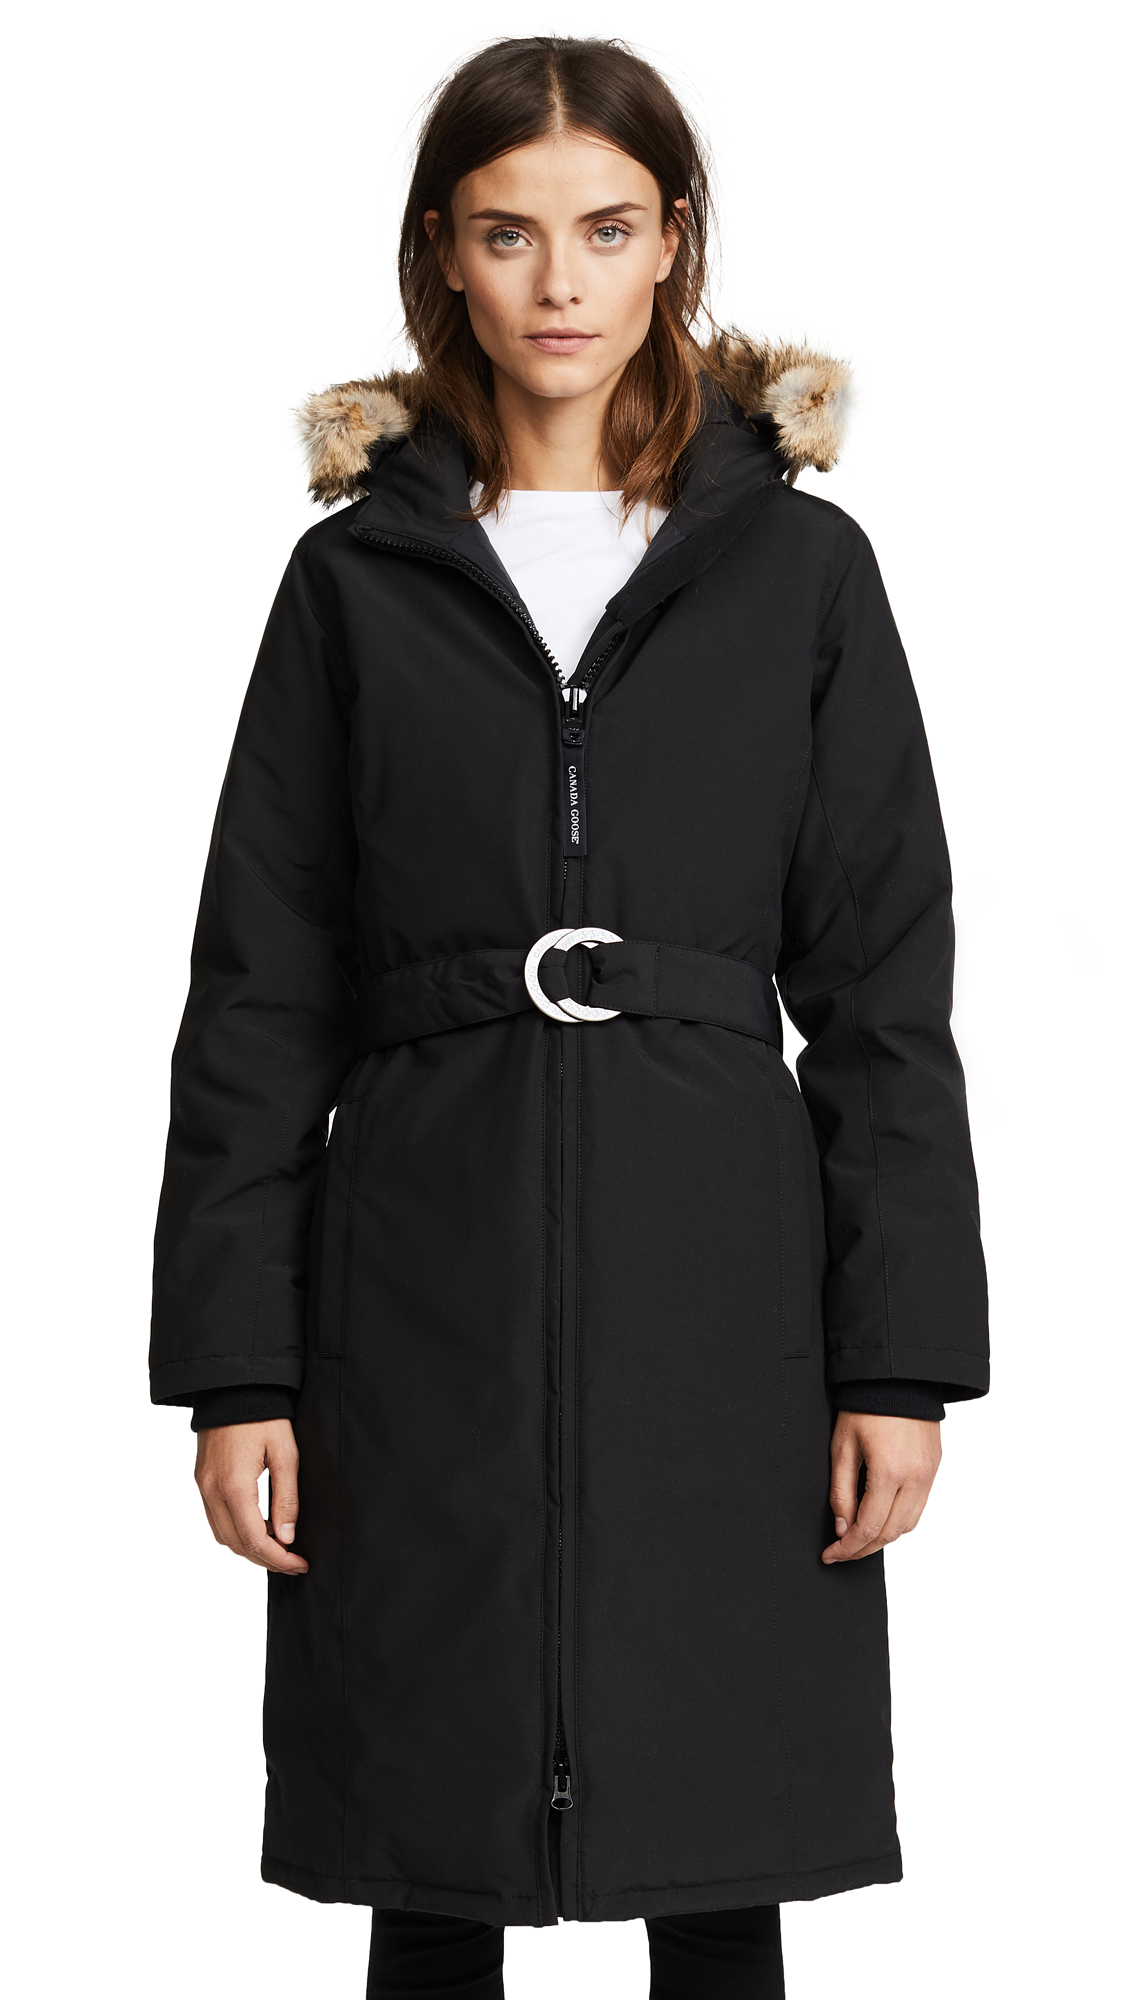 Canada Goose Whistler Parka - Black